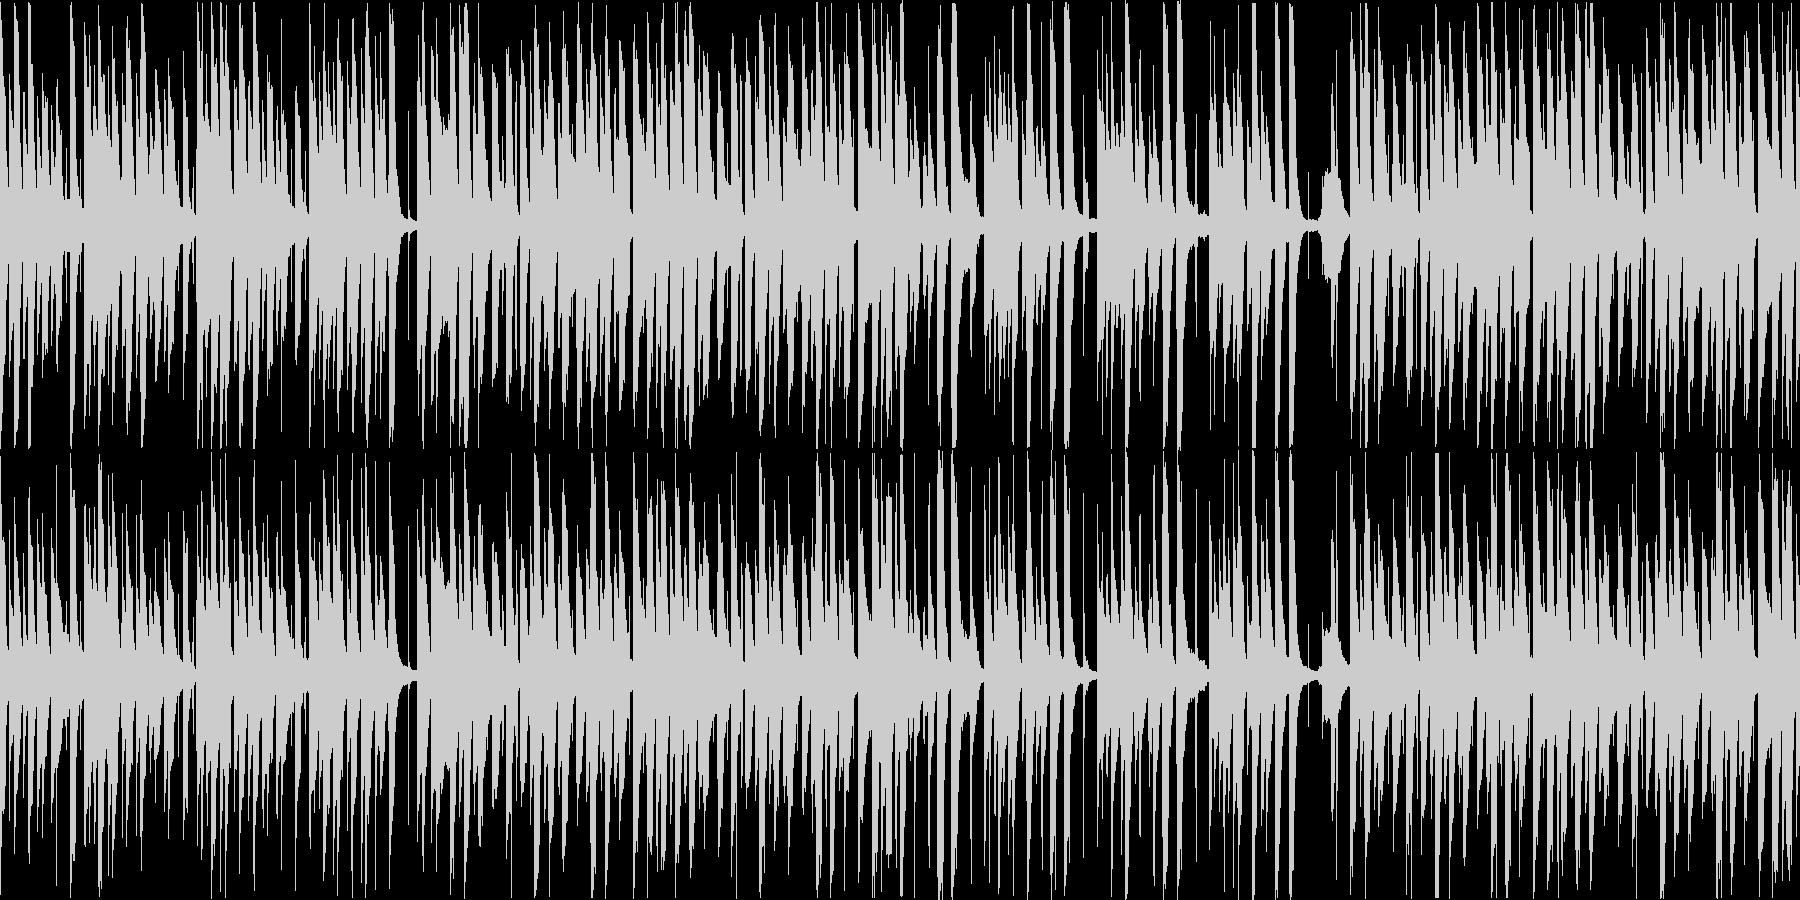 猫をイメージしたほのぼのポップな曲です!の未再生の波形